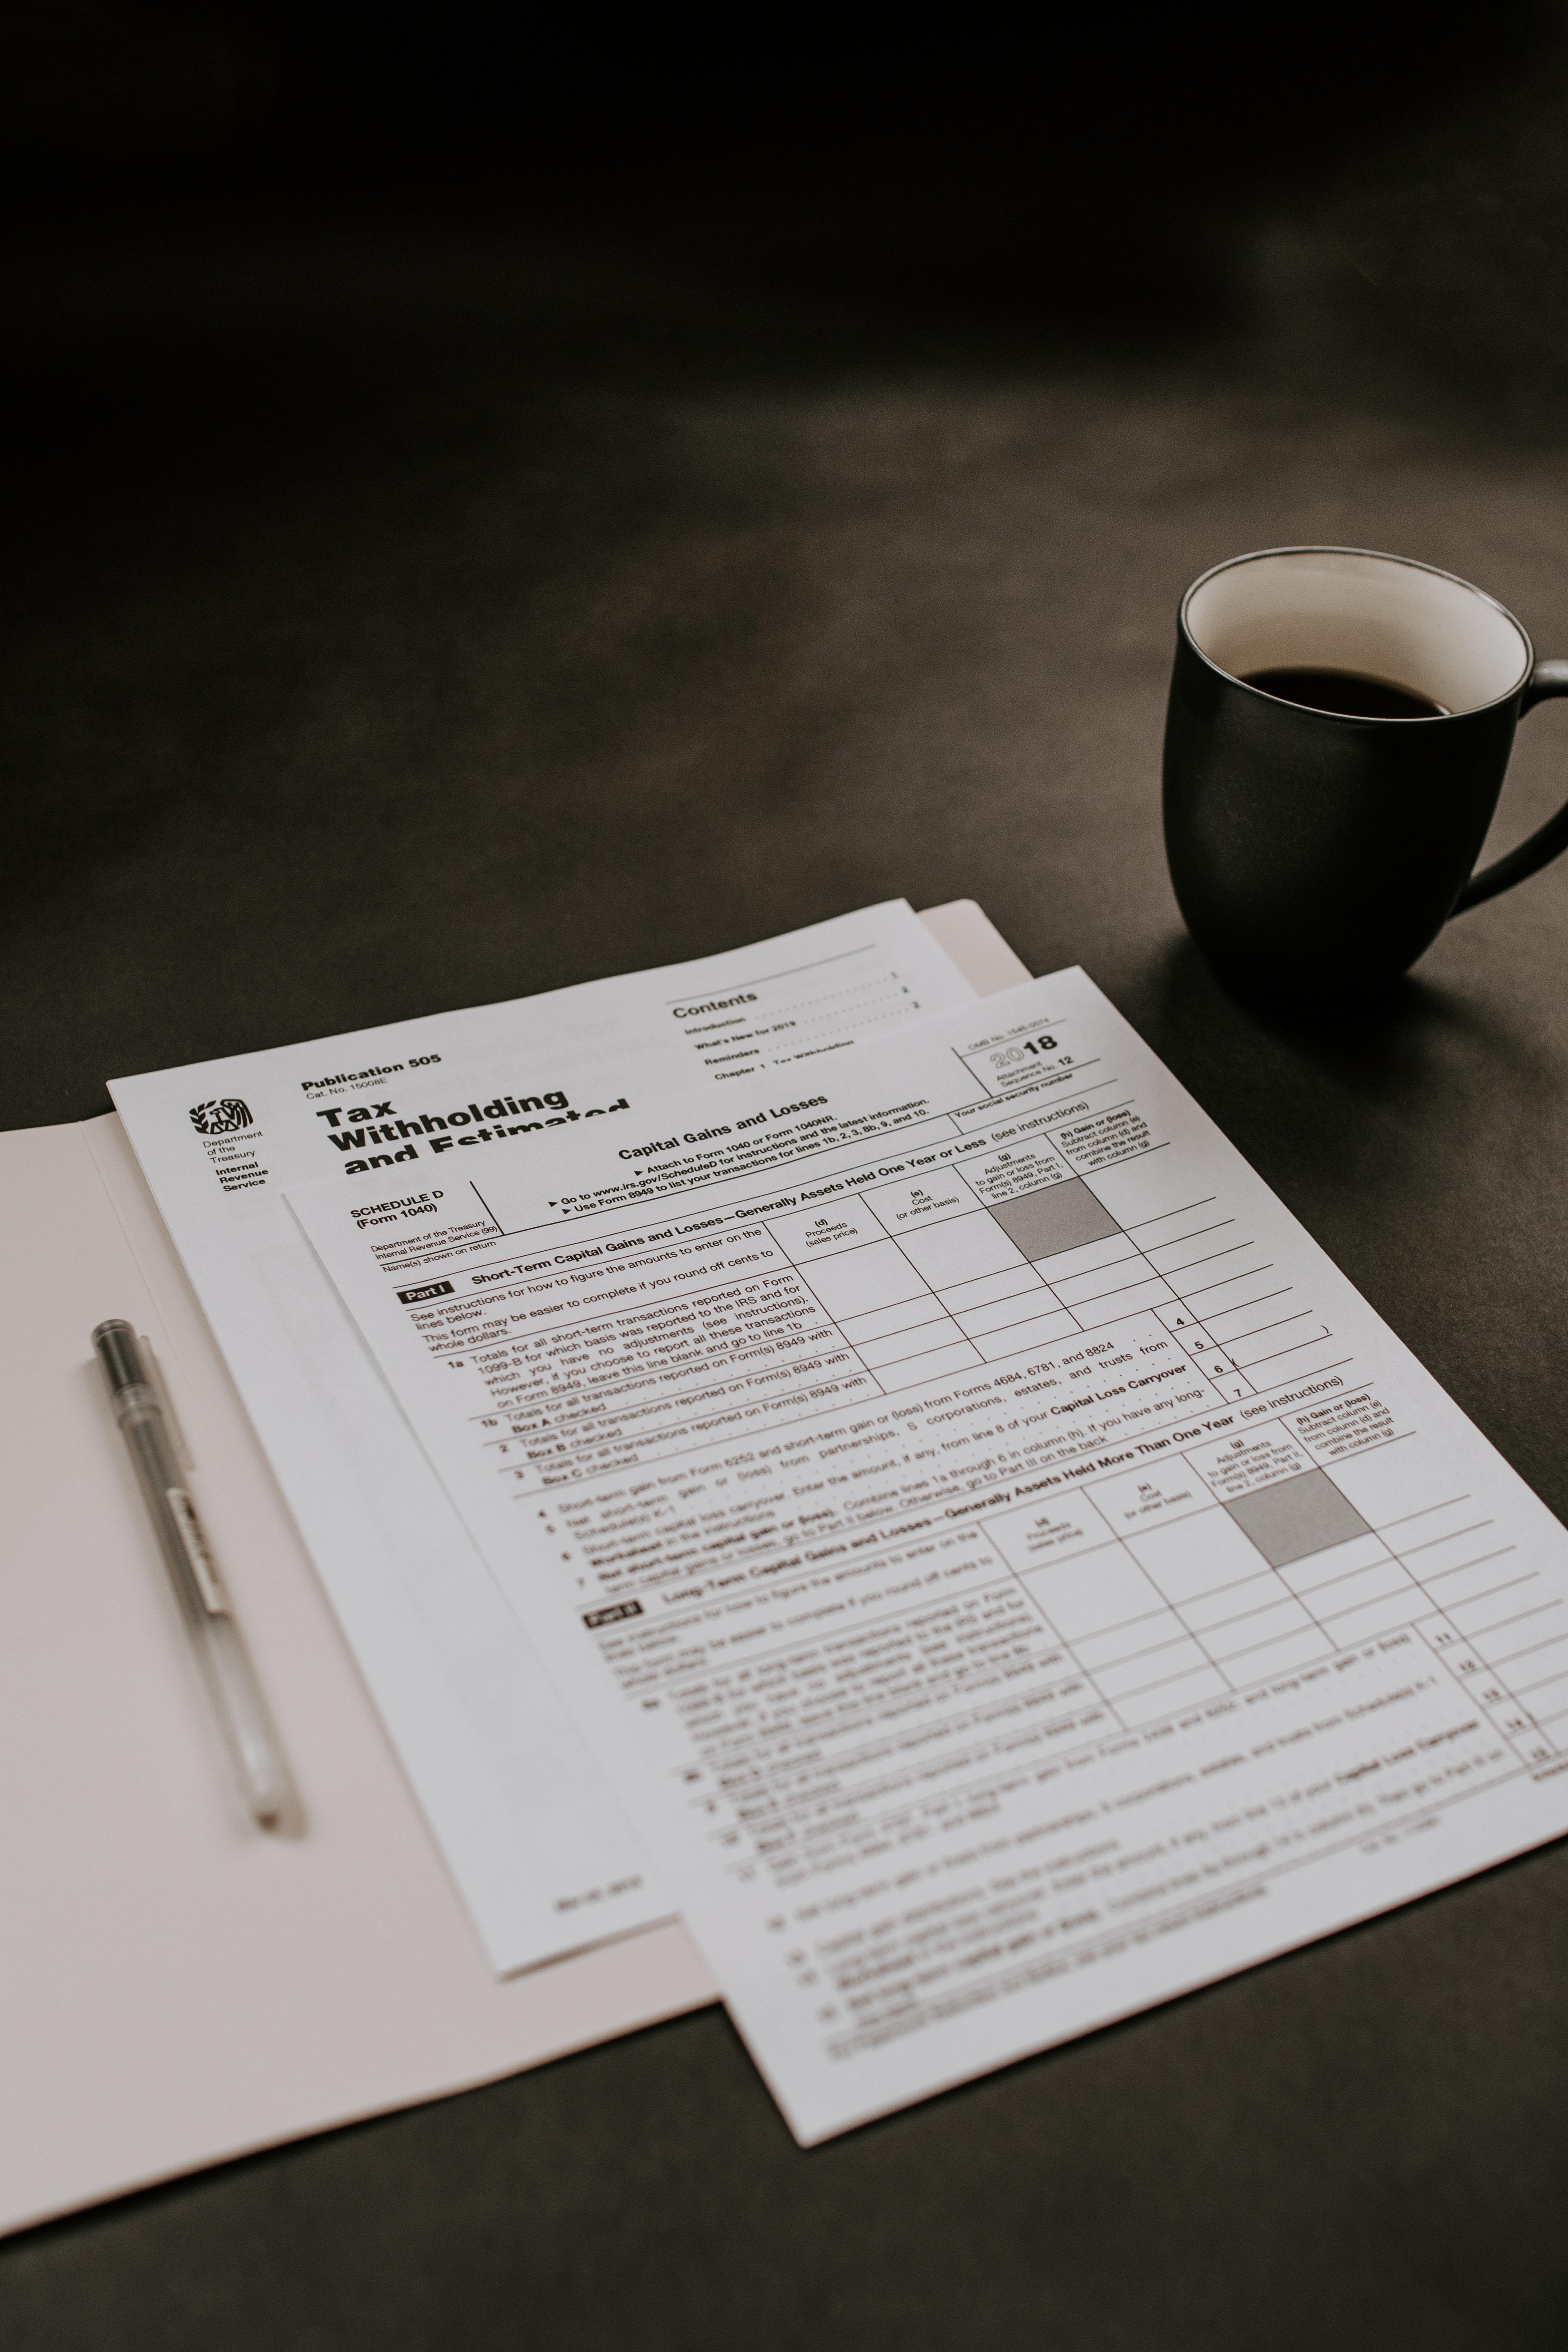 Налоговое консультирование: порядок признания для целей налогообложения отдельных затрат (расходов)